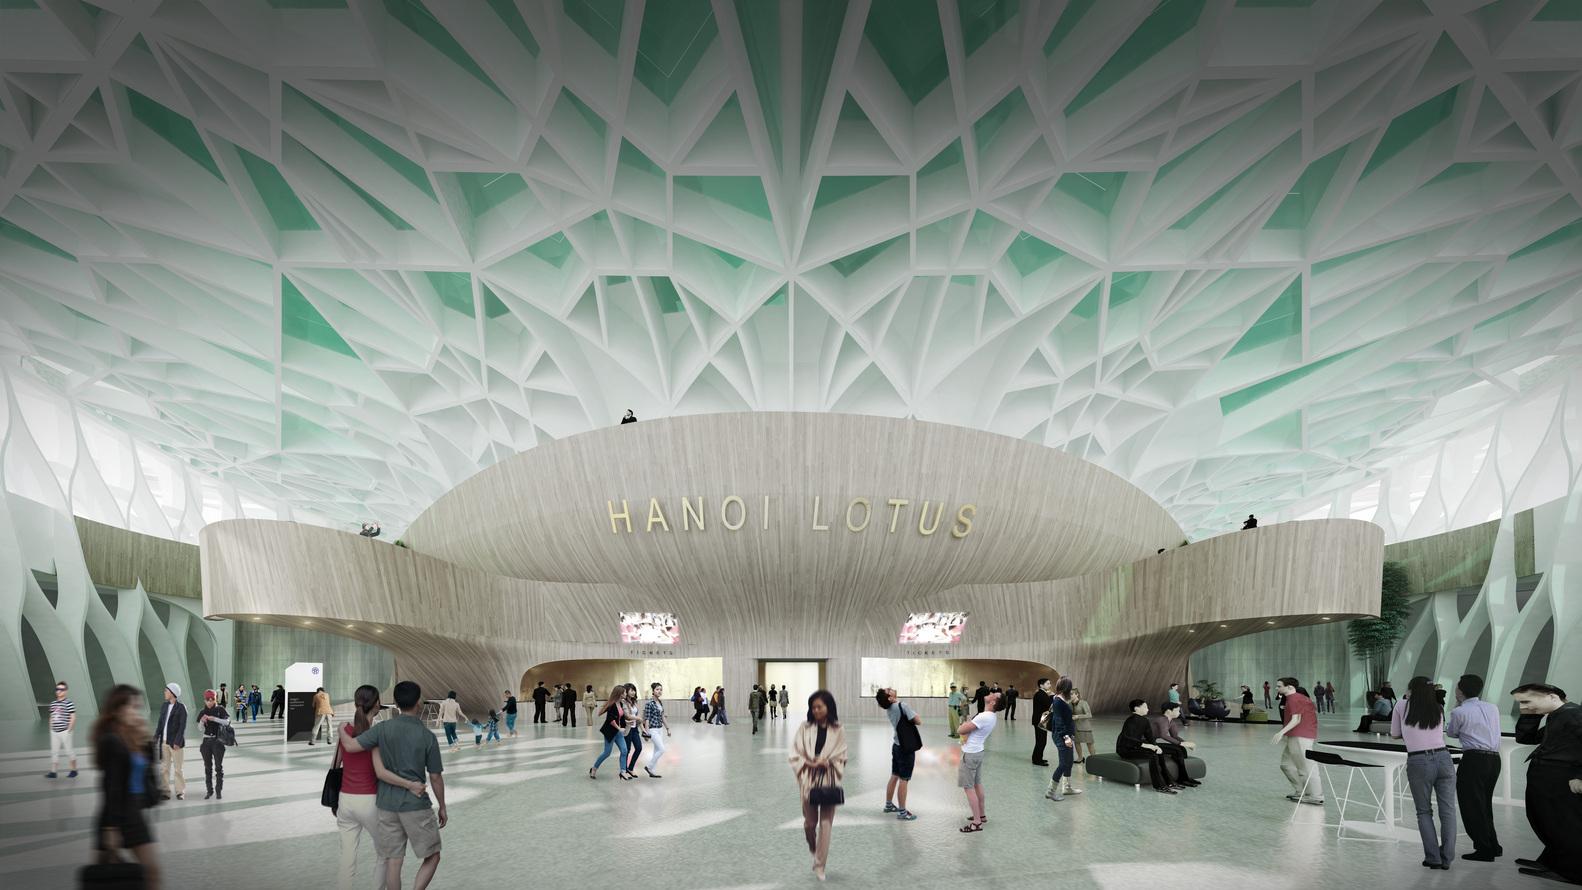 Kiến trúc trung tâm văn hóa nghệ thuật hình dáng bông sen vàng.5